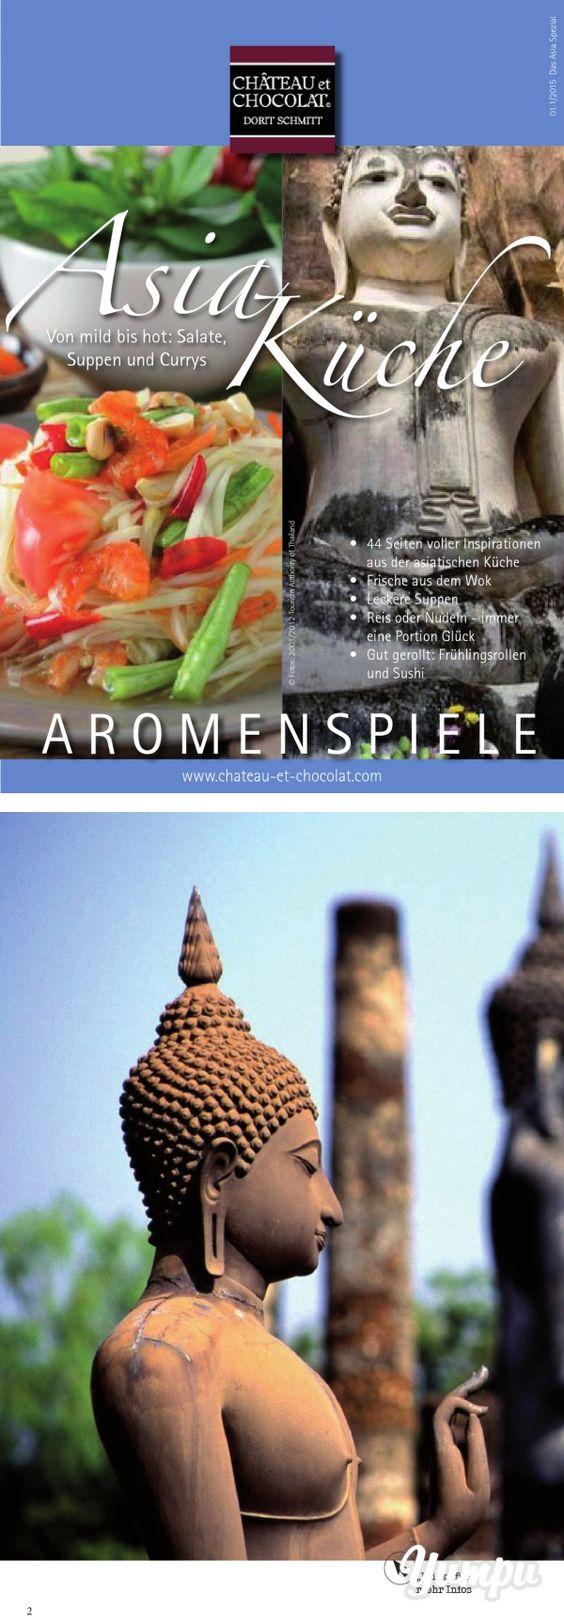 asia-küche - magazine with 44 pages: auch lust auf die asiatische